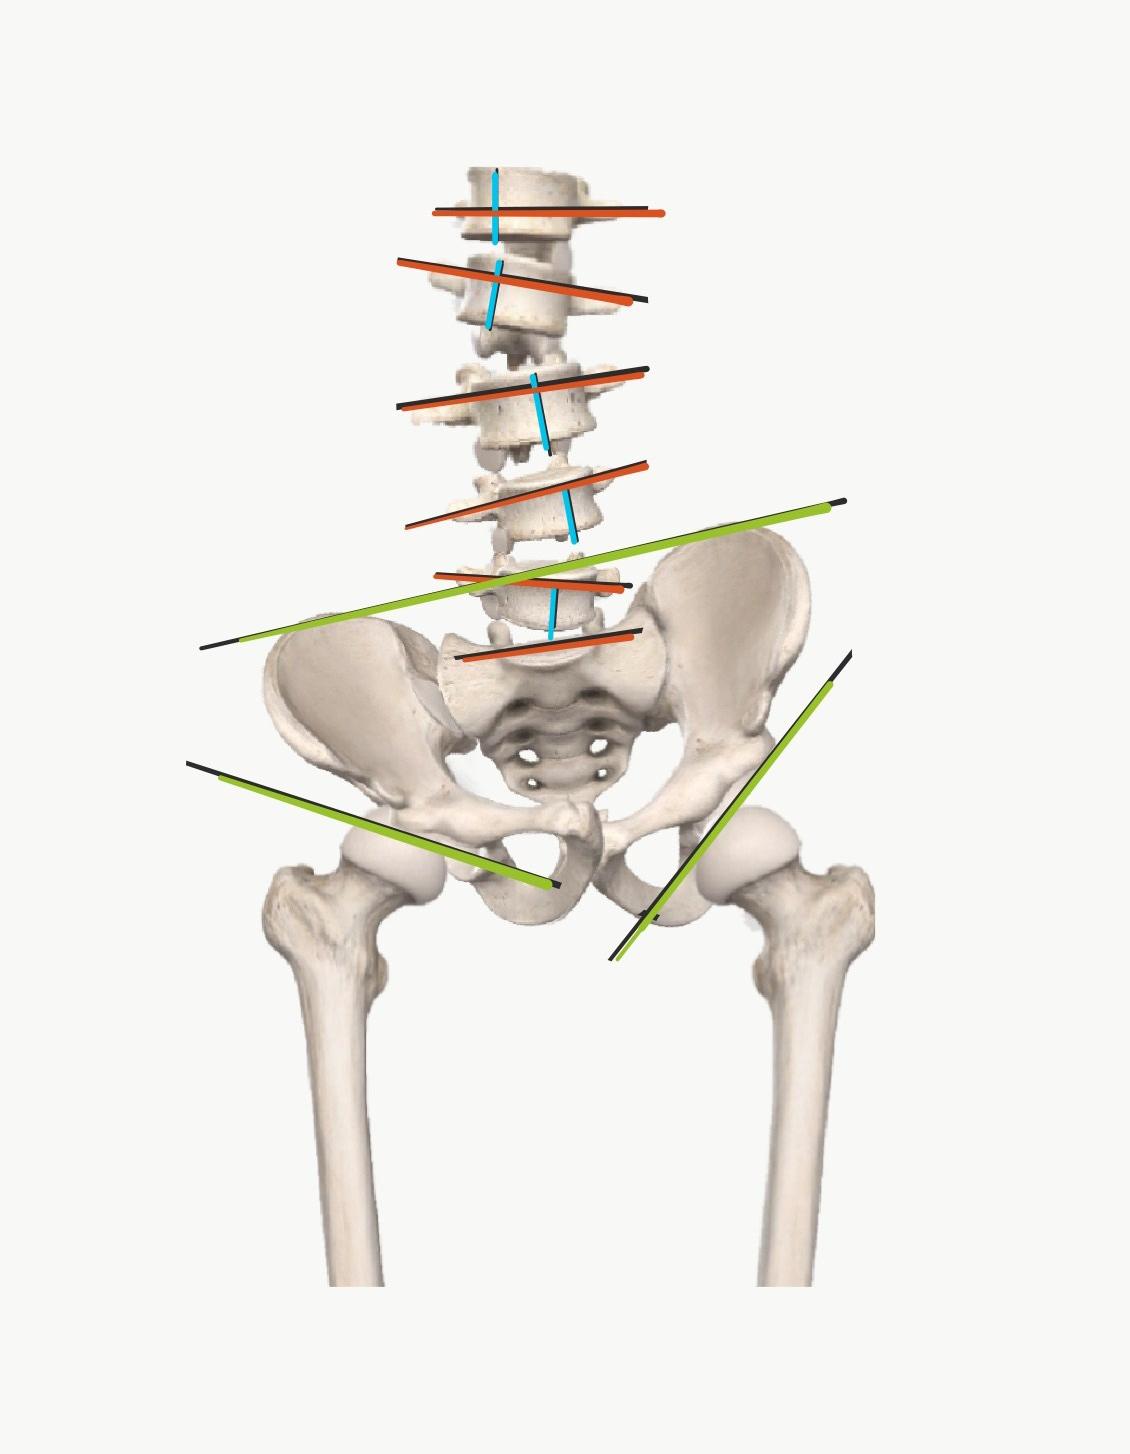 腰部脊柱管狭窄症・仙腸関節の機能不全・股関節の機能不全 どの症状がどの病態と関連しているか